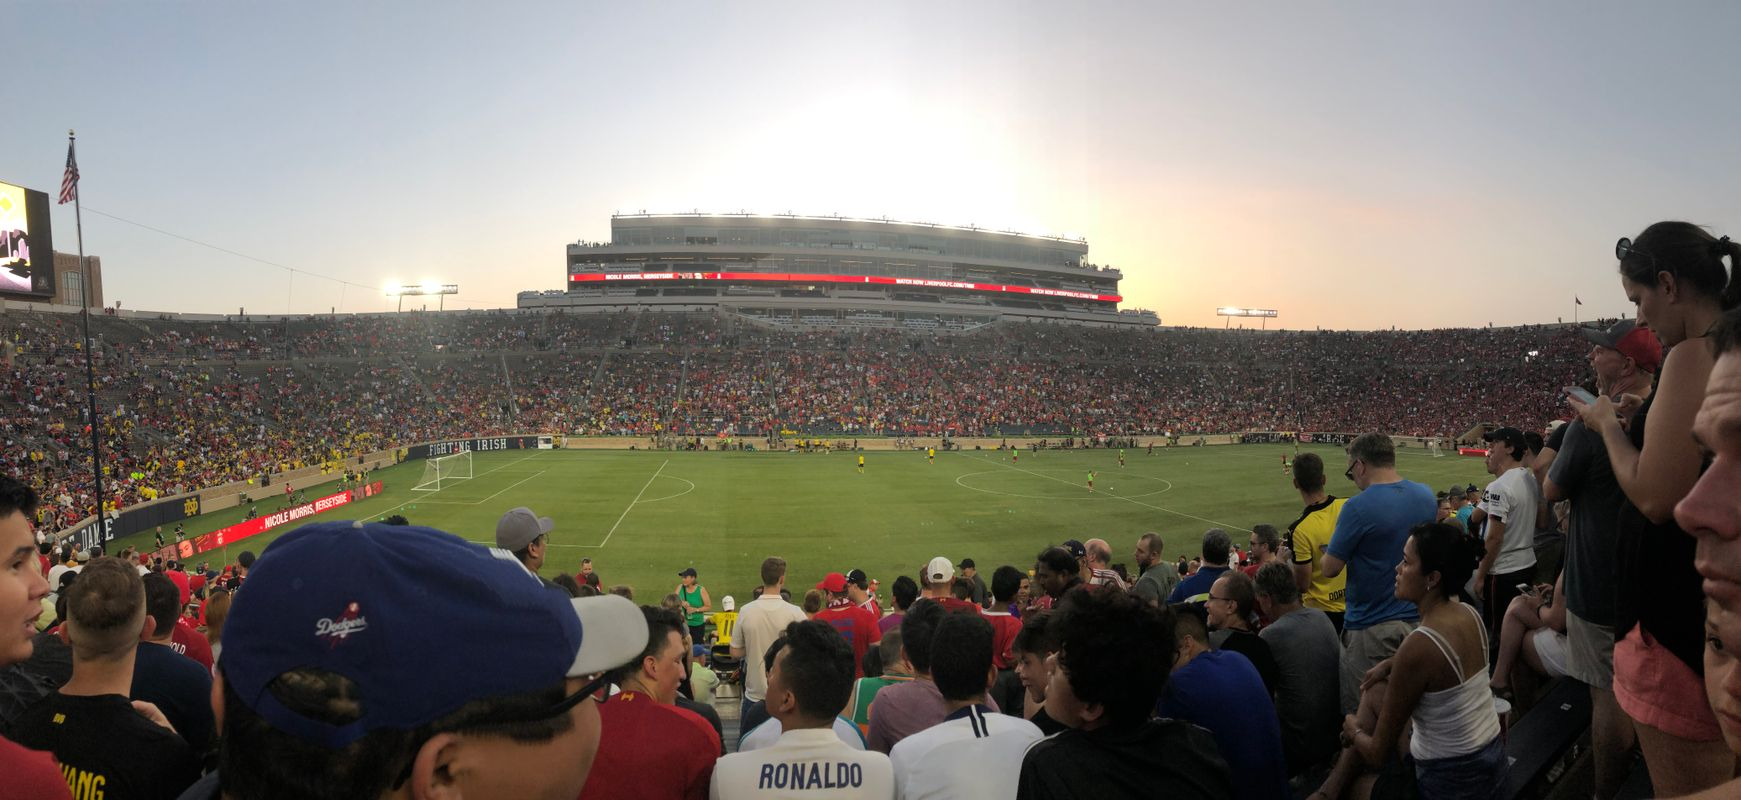 Stadium Notre Dame